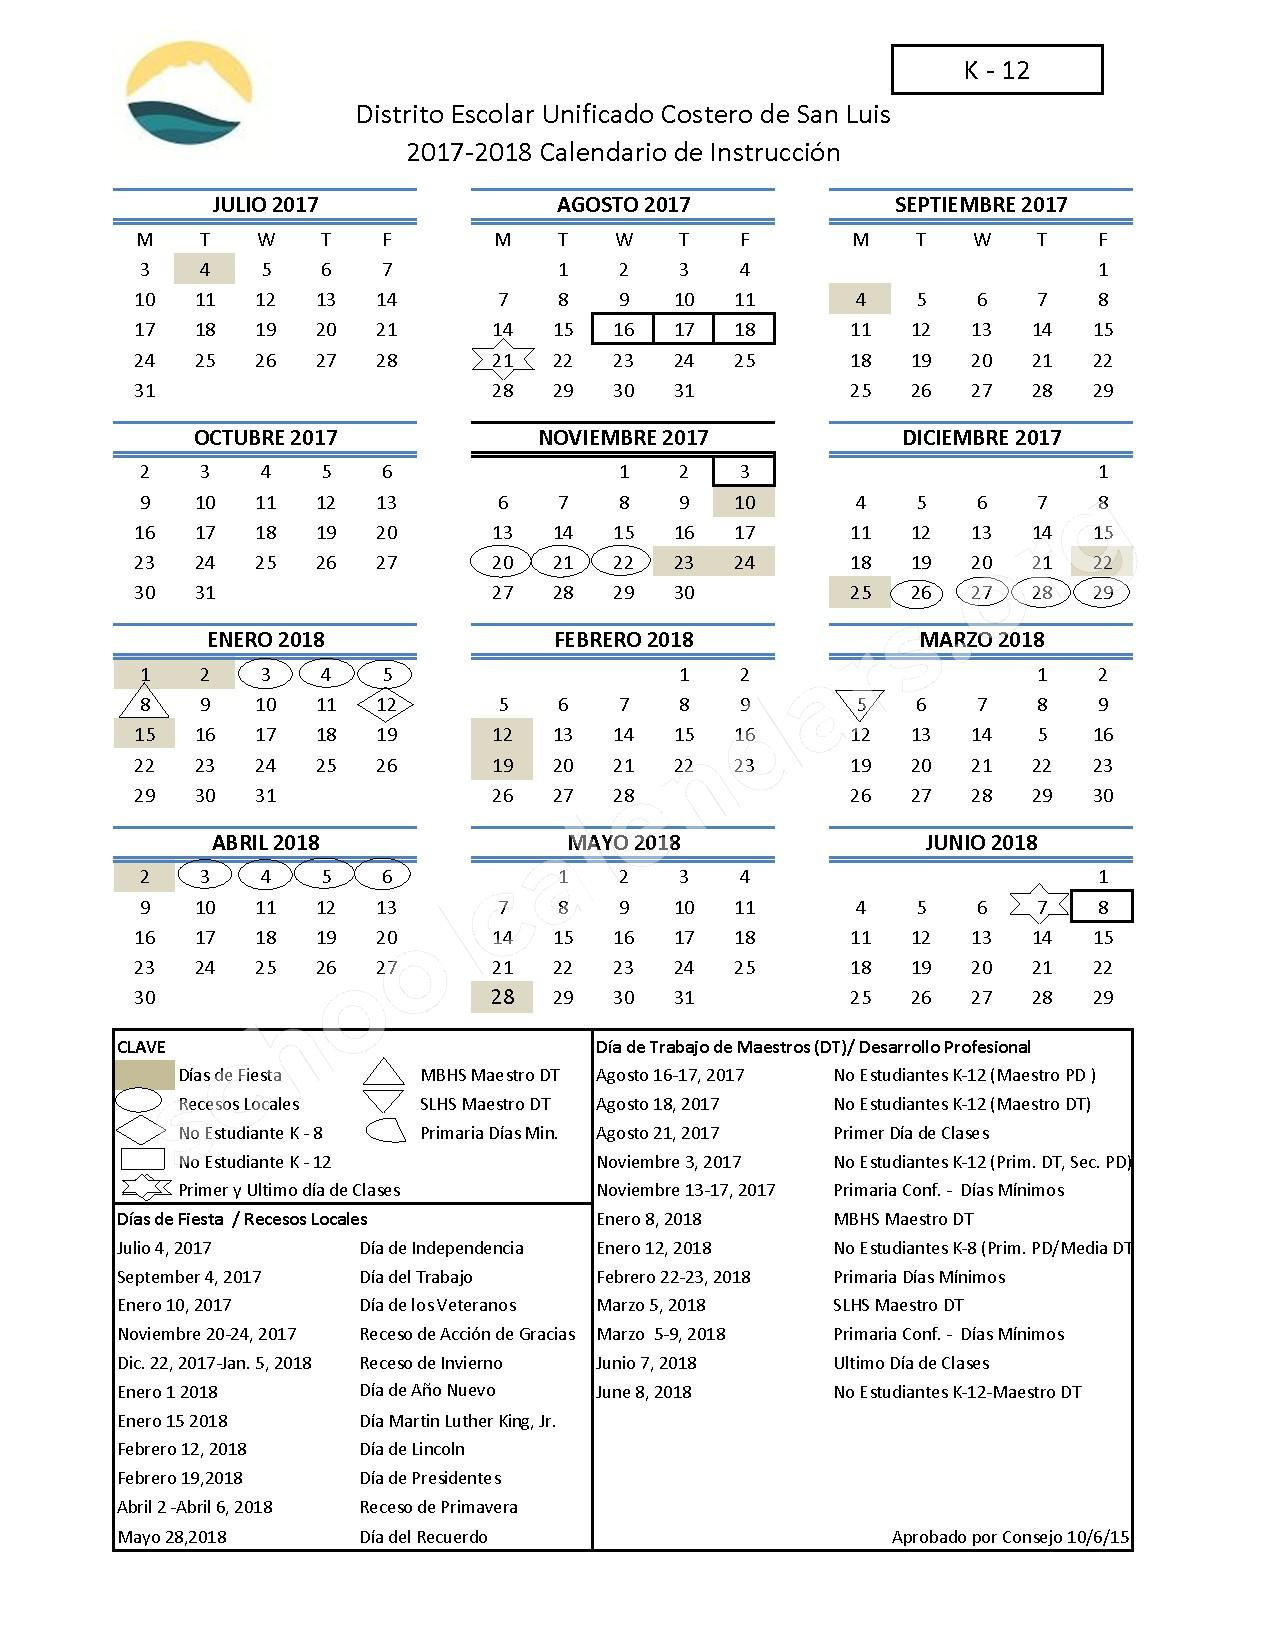 2017 - 2018 Calendario Escolar (K-12) – San Luis Coastal Unified School District – page 1